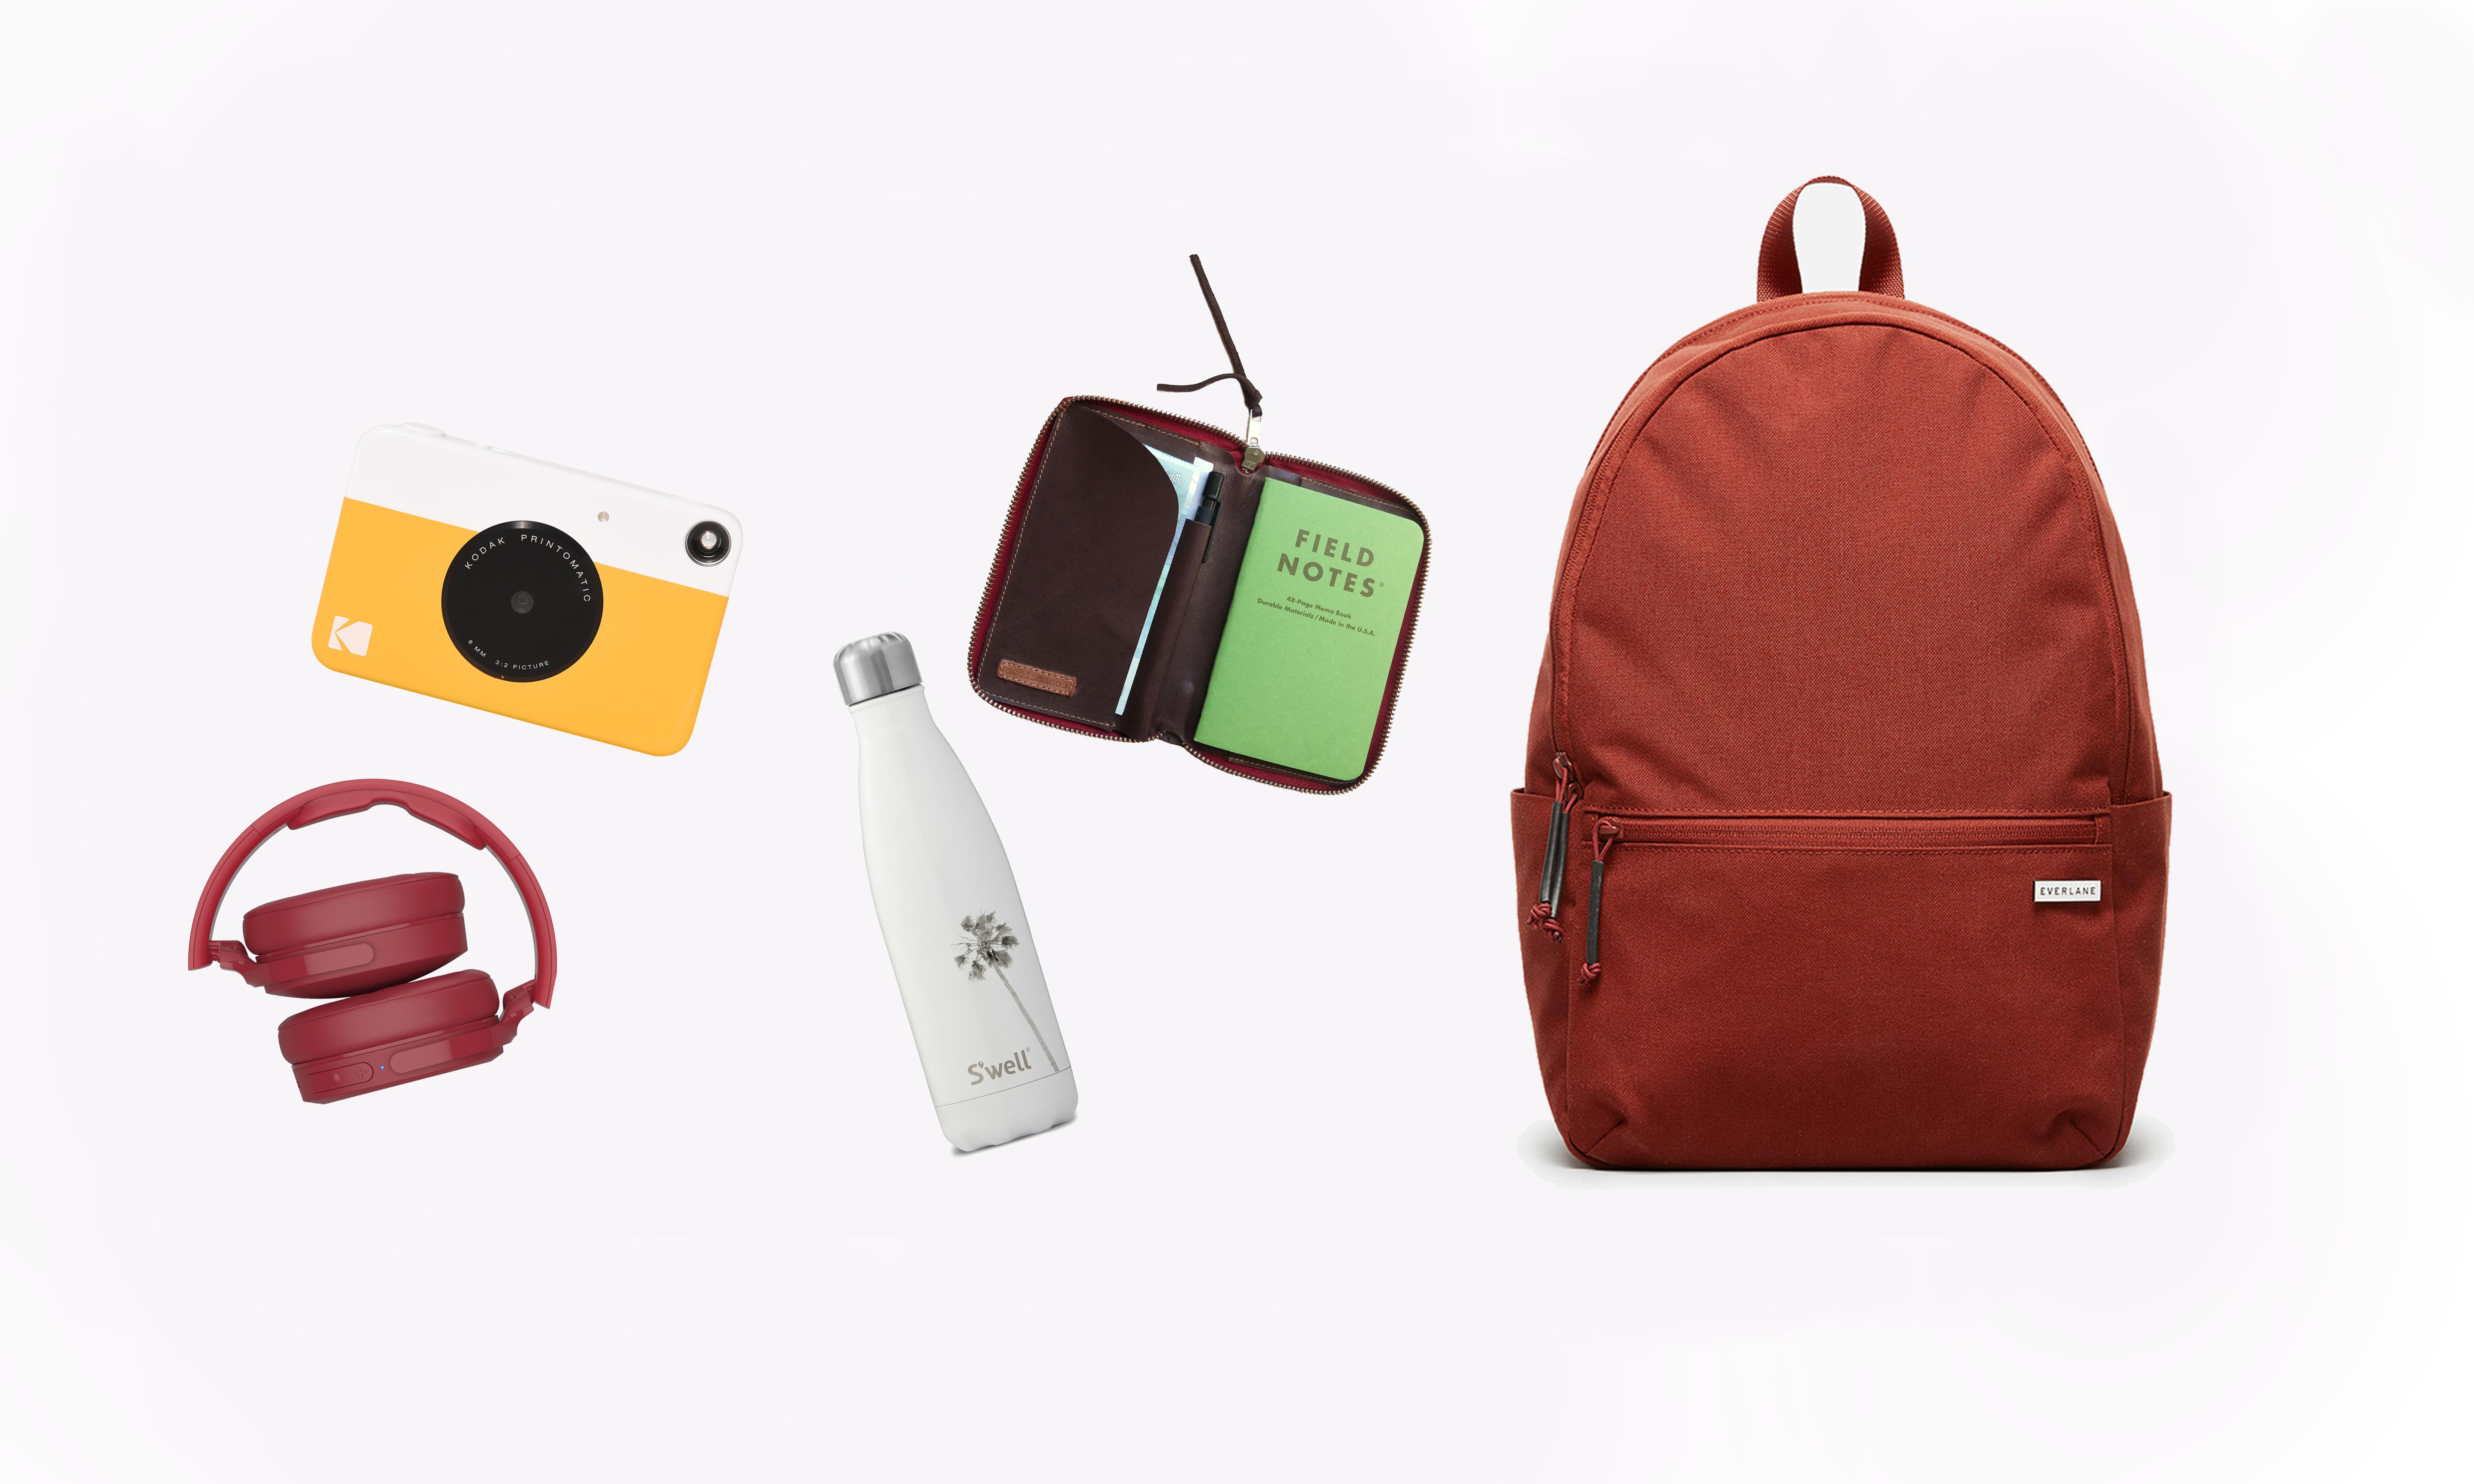 hero-daypack.jpg?mtime=20171201104417#asset:99022